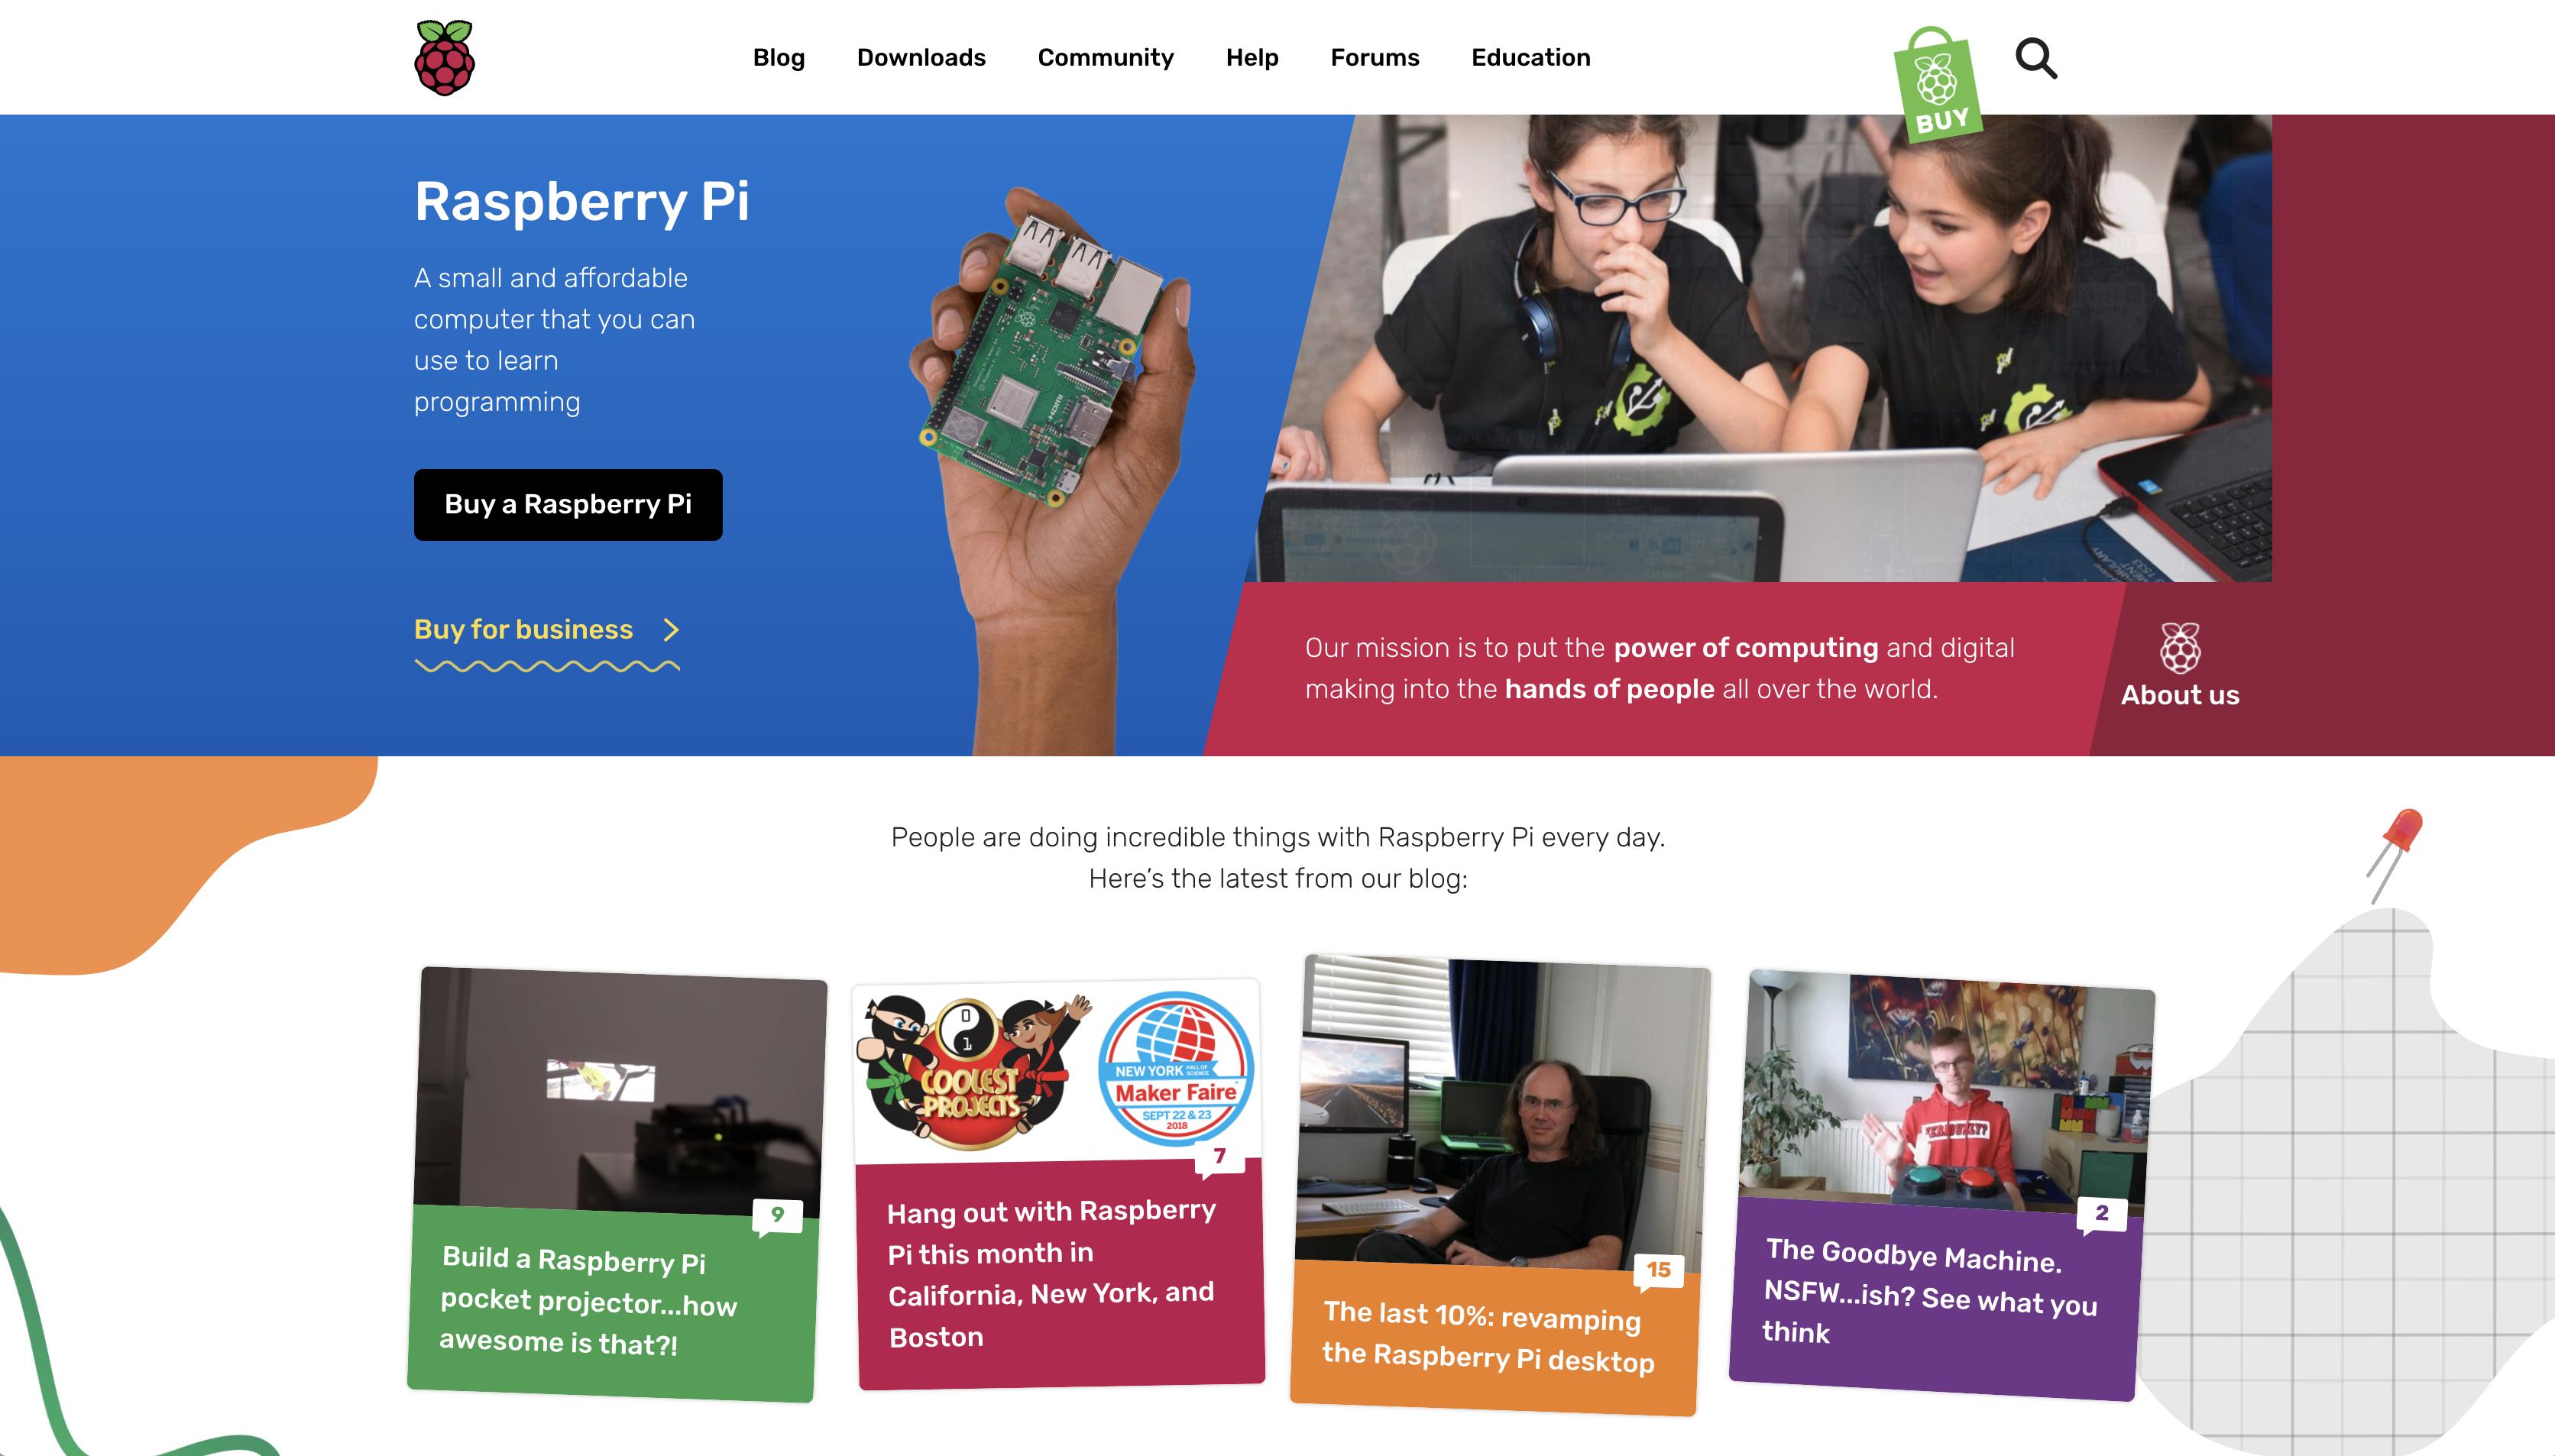 raspberrypi.org